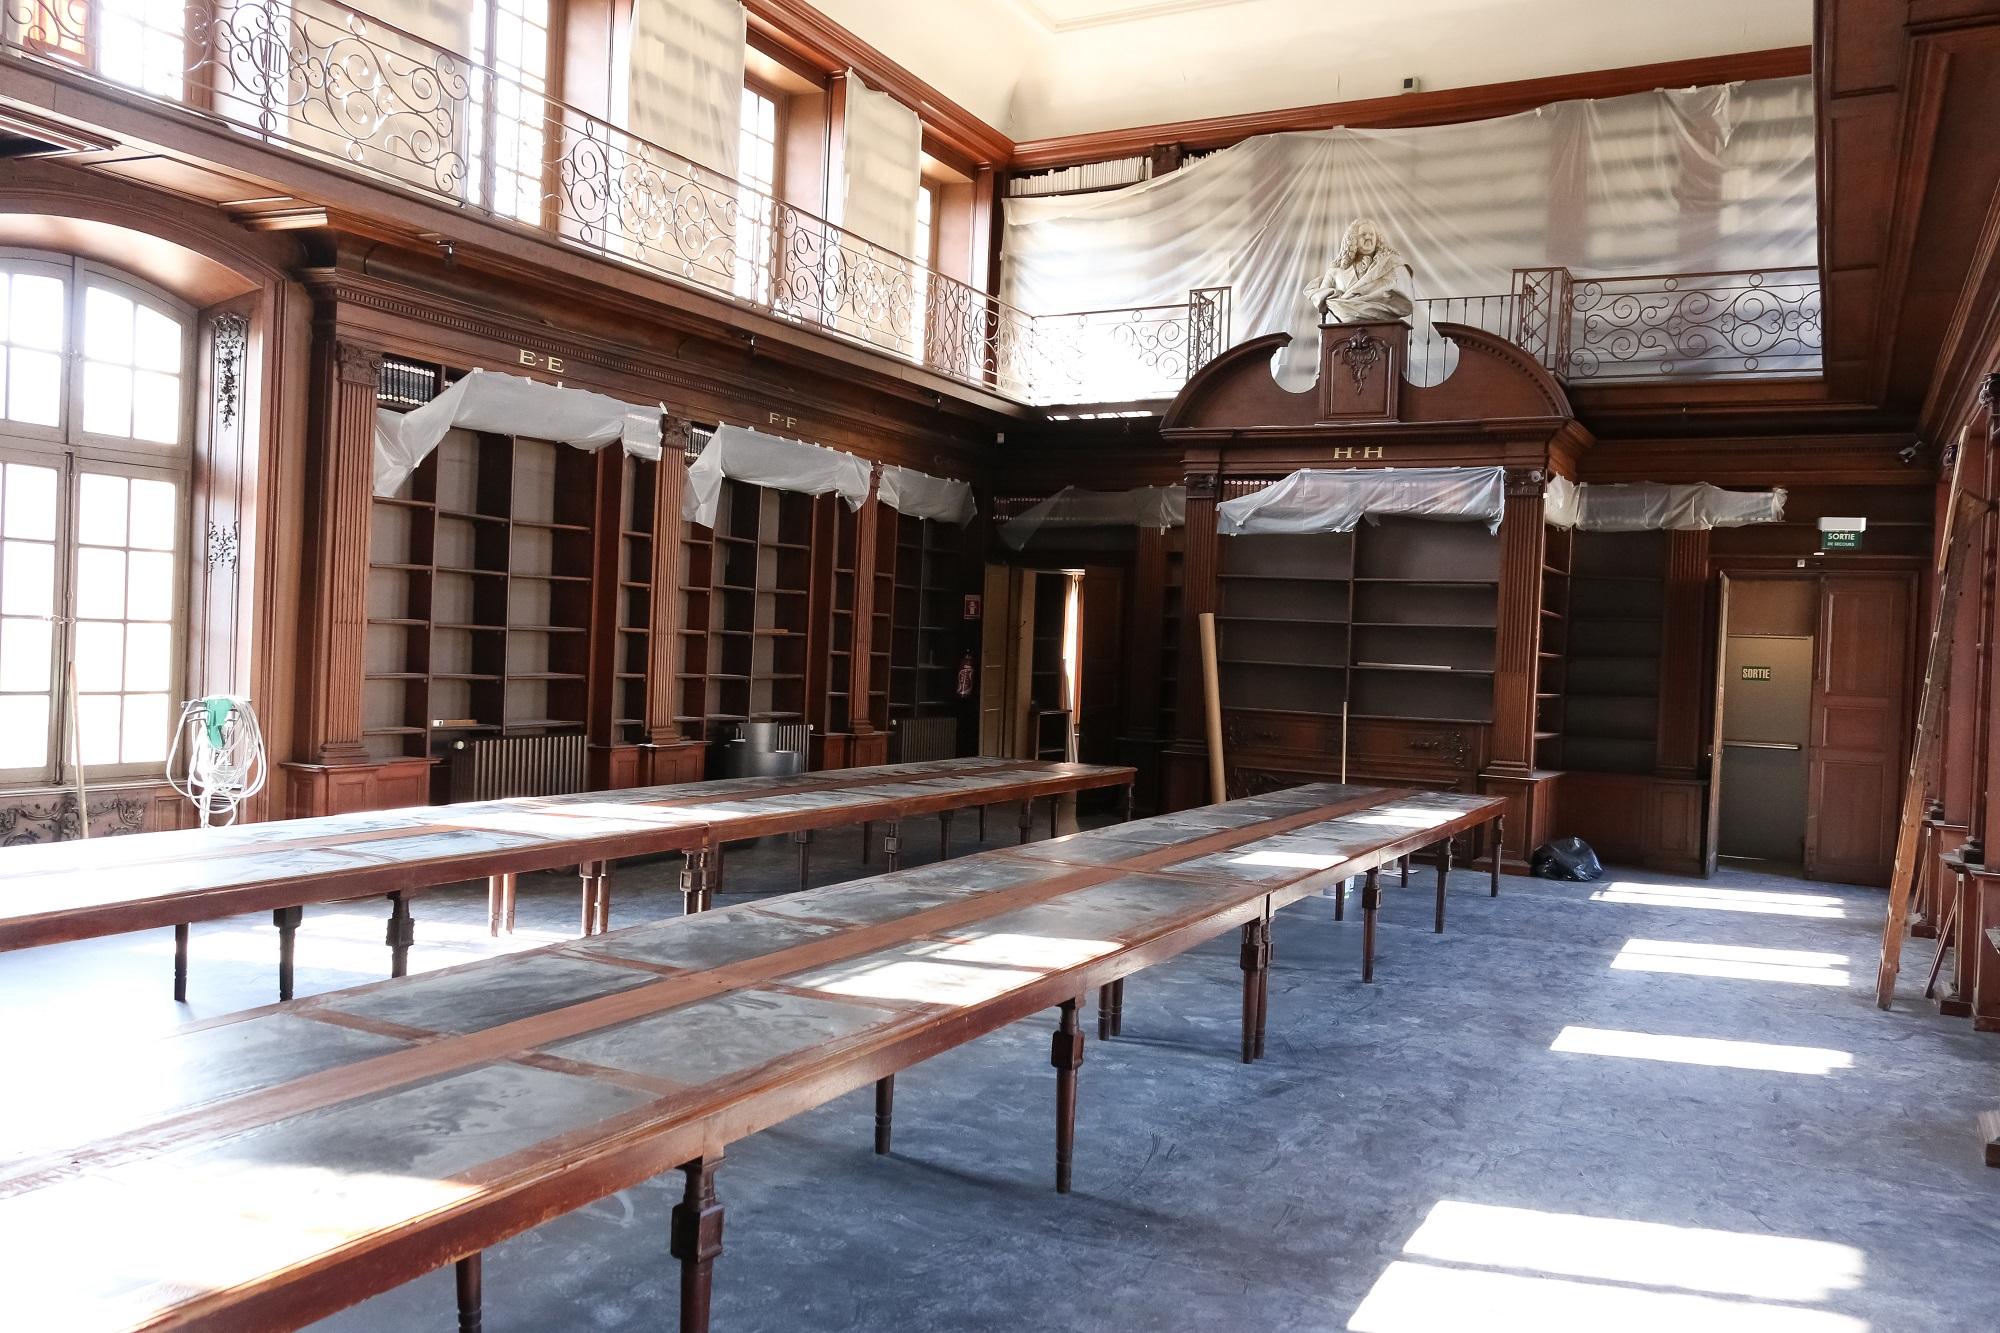 La salle Stanislas